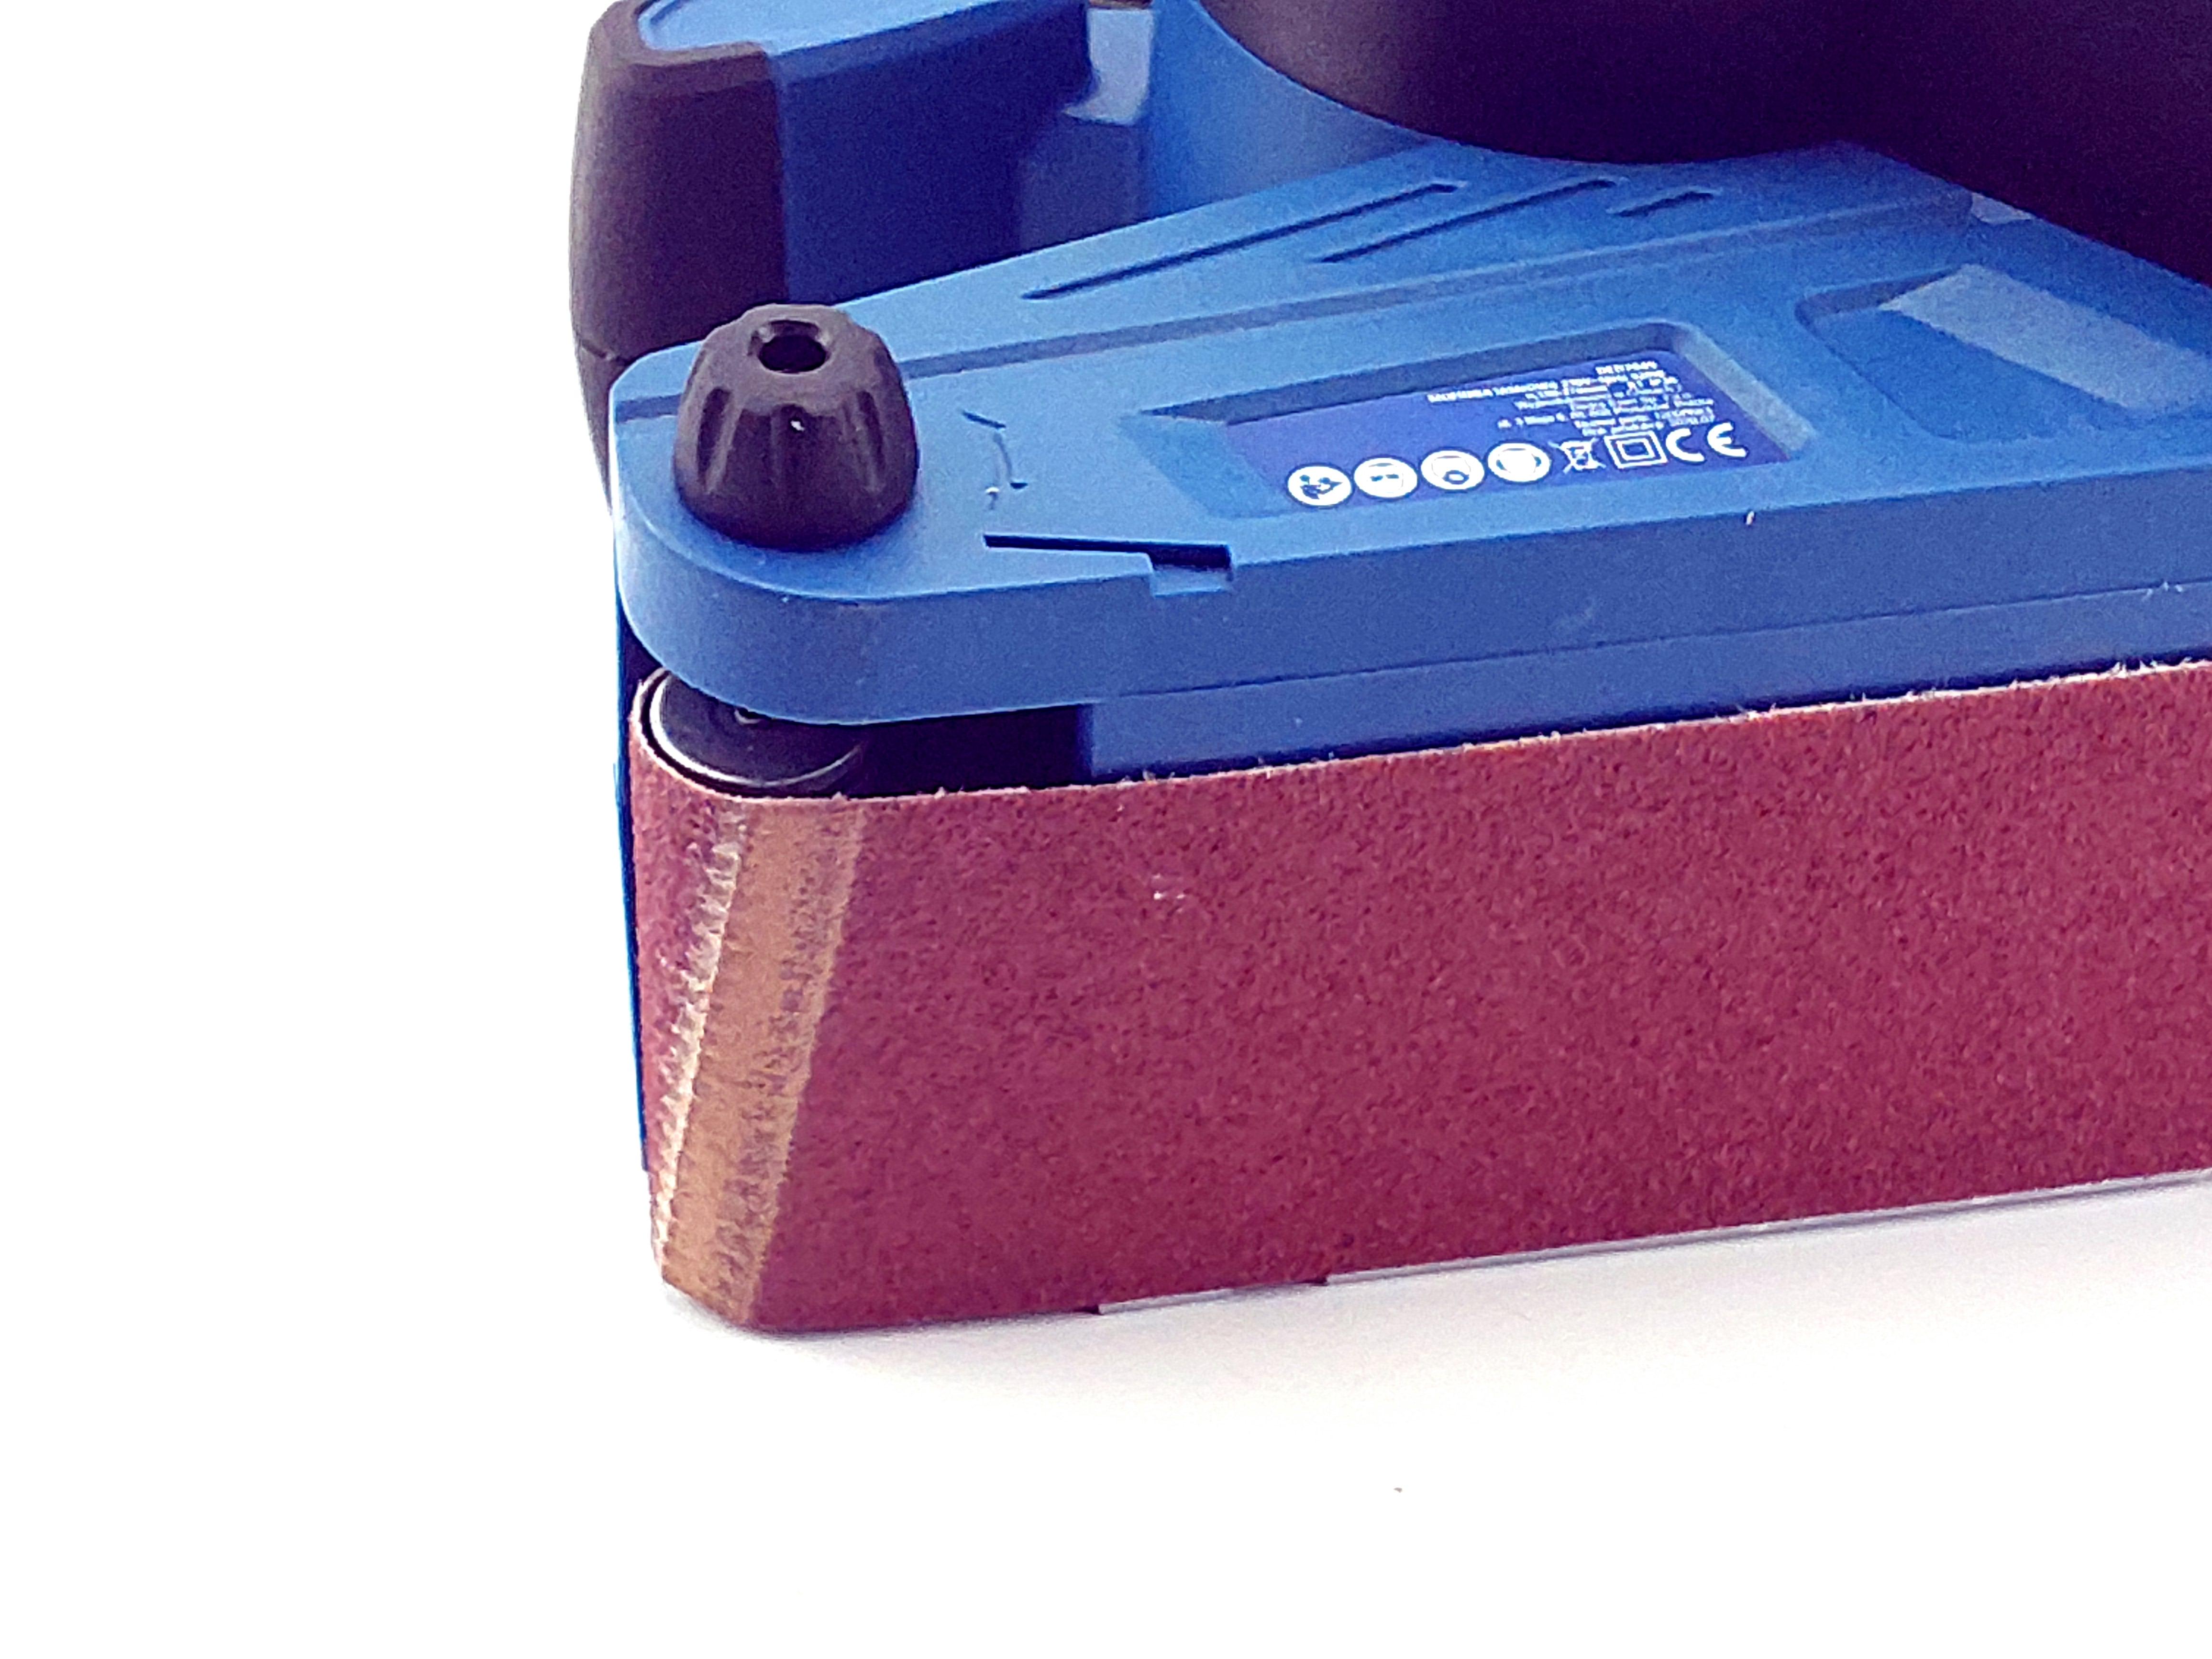 Pásová bruska 920W, nekonečný pás 75x533mm + regulace rychlosti pásu a integrované odsávání prachu